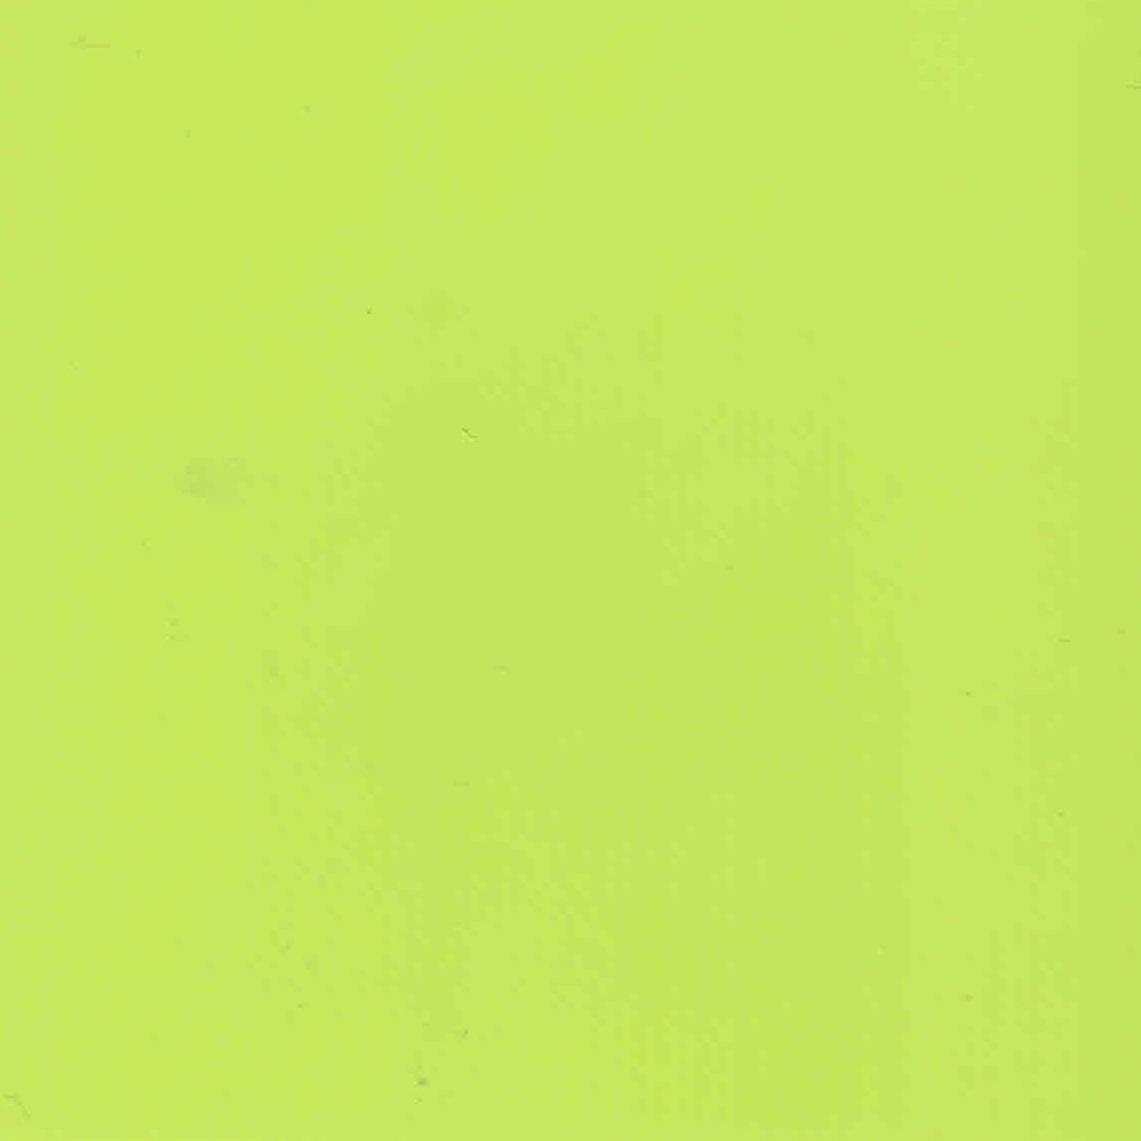 Глянцевые натяжные потолки Франция салатовые L 624